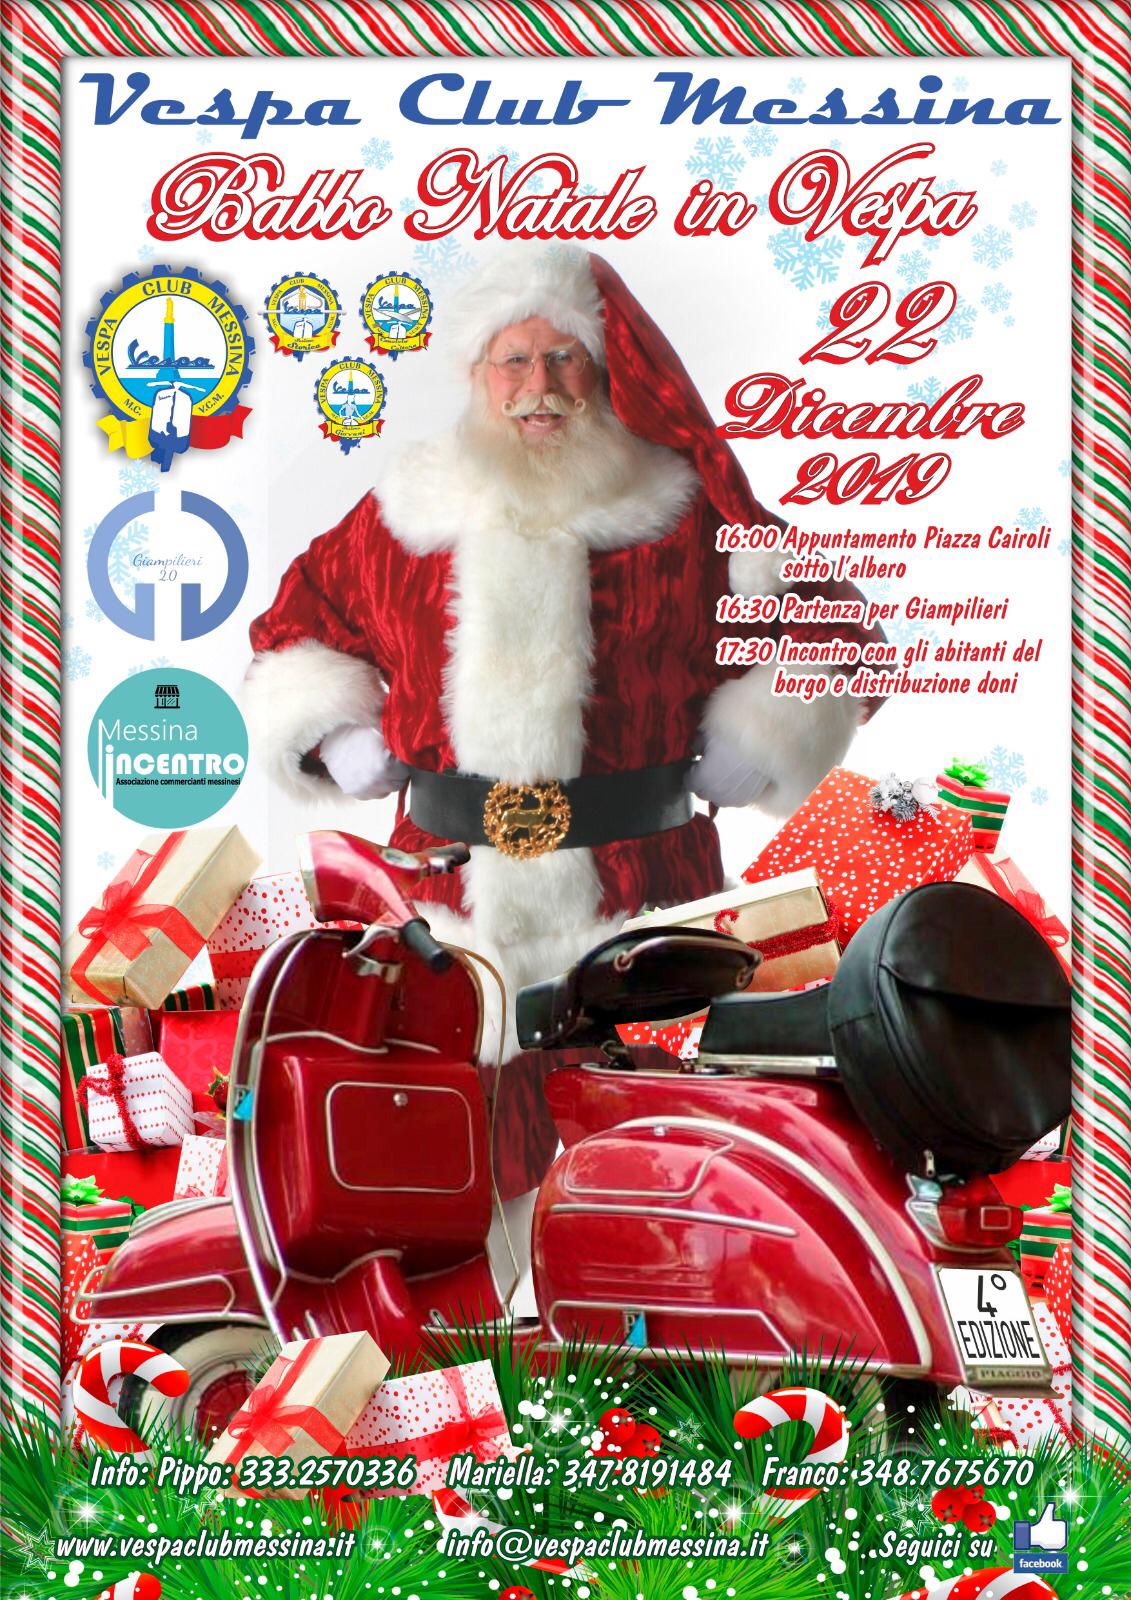 Babbo 4 Natale.4 Edizione Di Babbo Natale In Vespa 2019 Vespa Club Messina